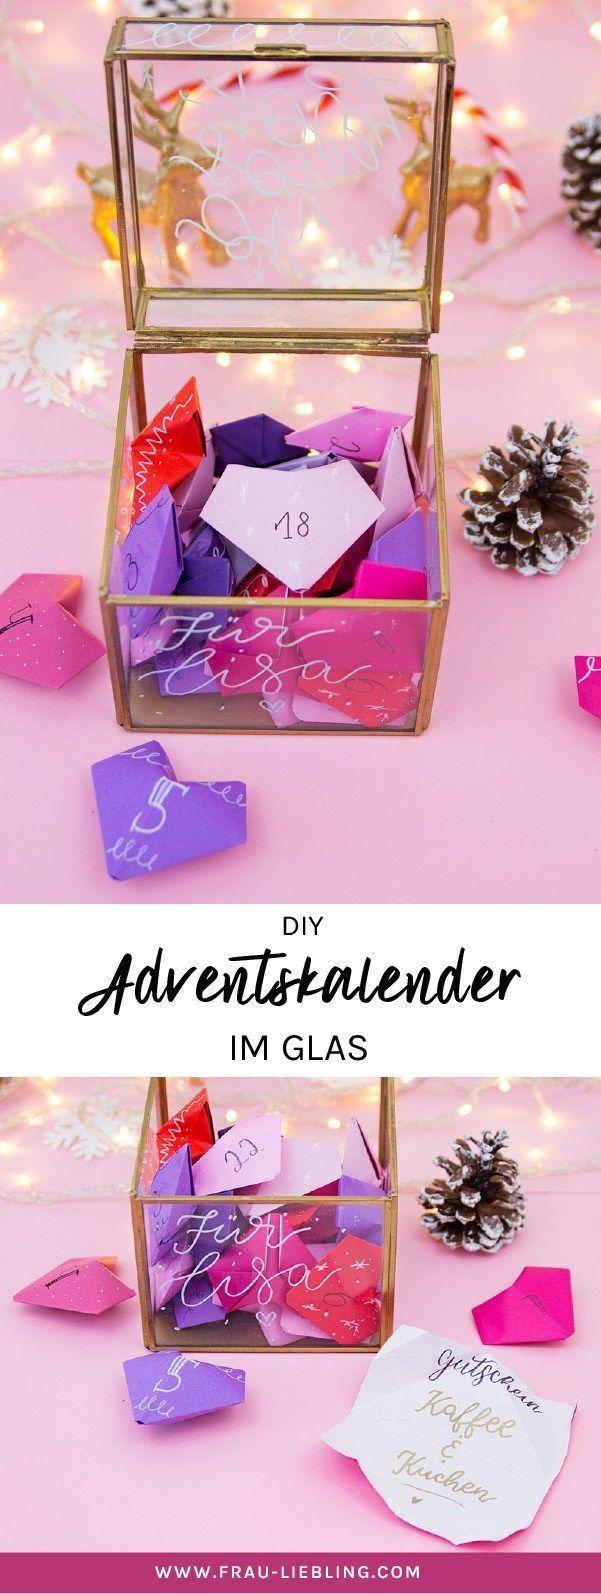 Adventskalender im Glas basteln mit 3D Origami Herzen